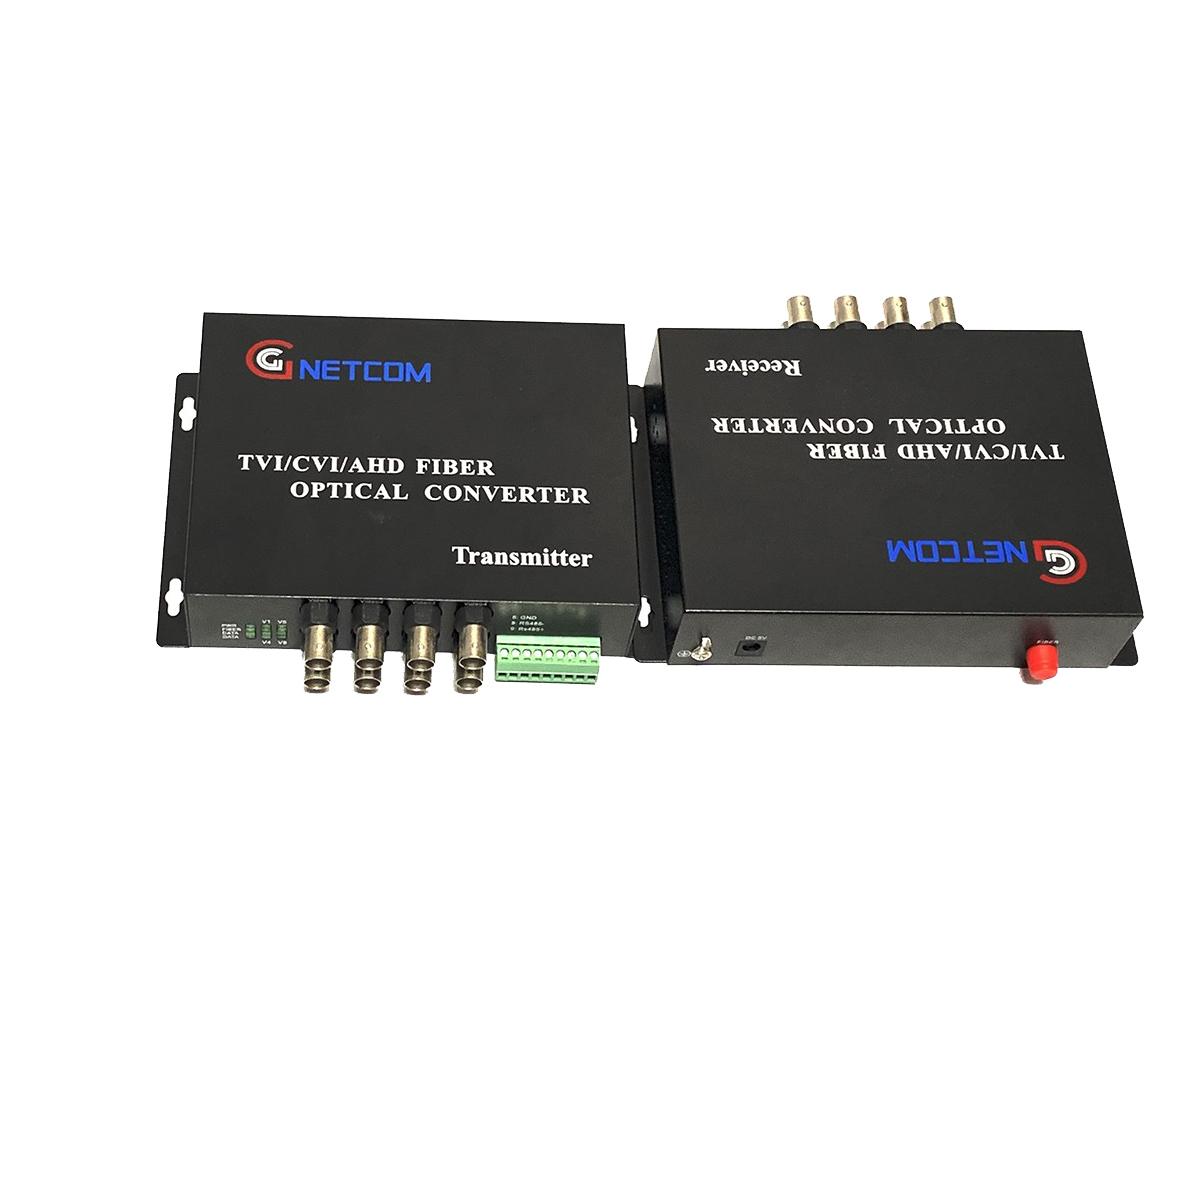 Bộ chuyển đổi video sang quang 8 kênh GNETCOM HL-8V1D-20T/R-720P (2 thiết bị,2 adapter,Cổng điều khiền) - Hàng Chính Hãng